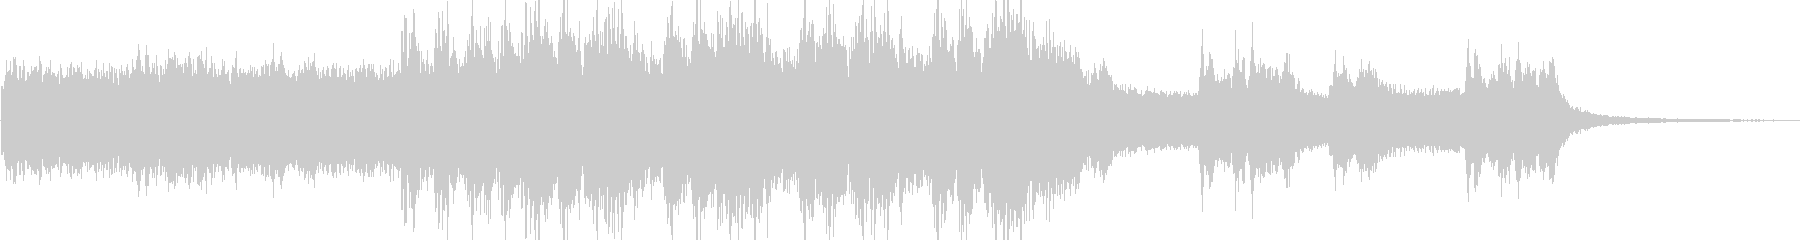 ゲーム音楽の雰囲気を抑揚したような楽曲の未再生の波形